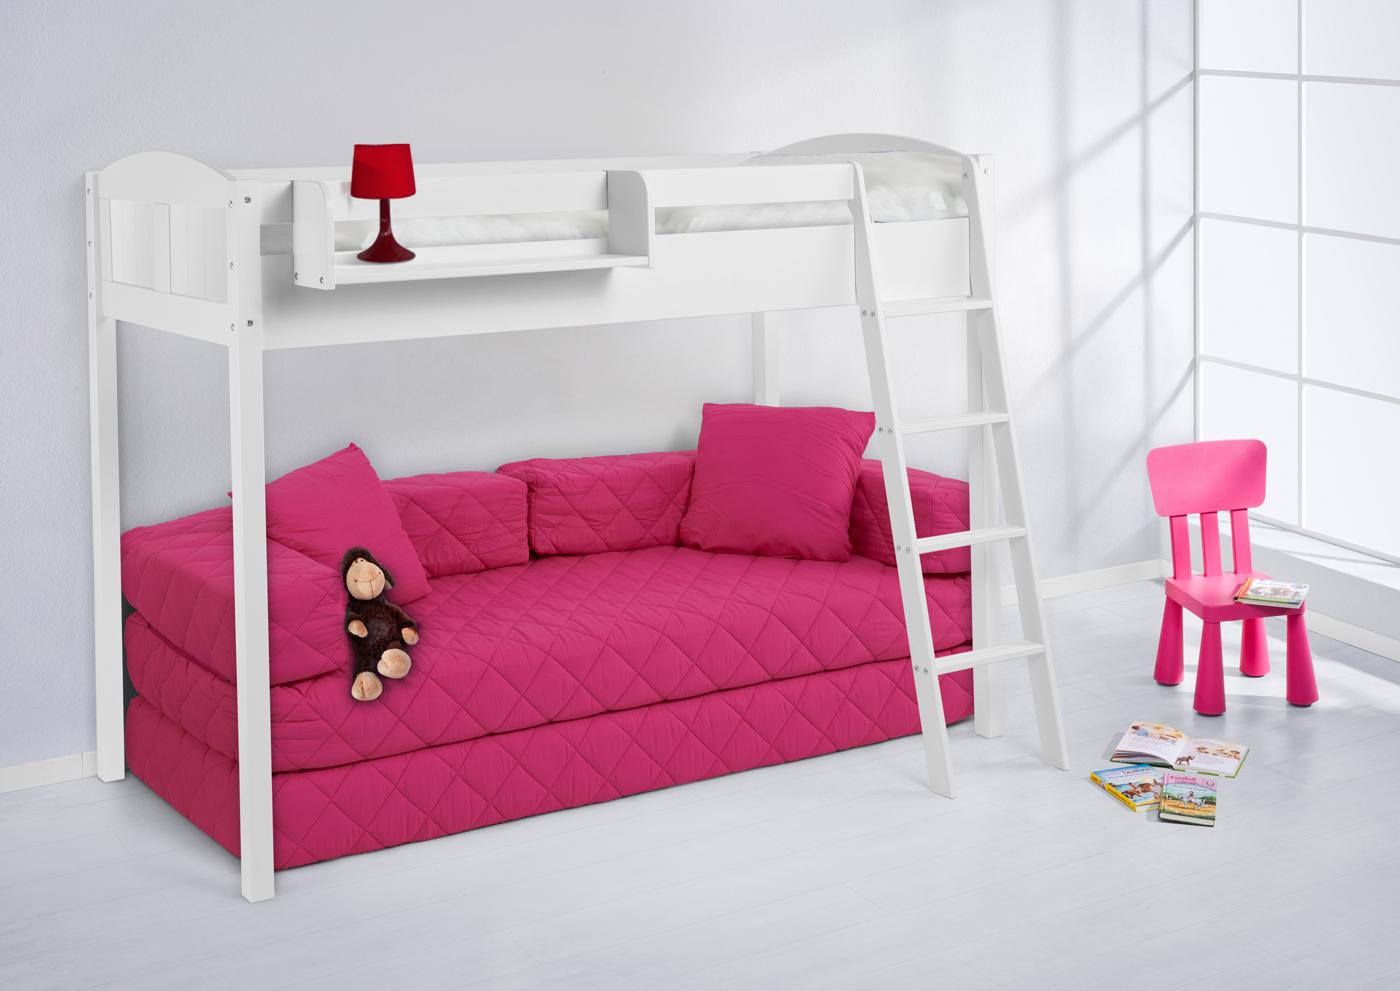 Кровать чердак с диваном внизу для девочки